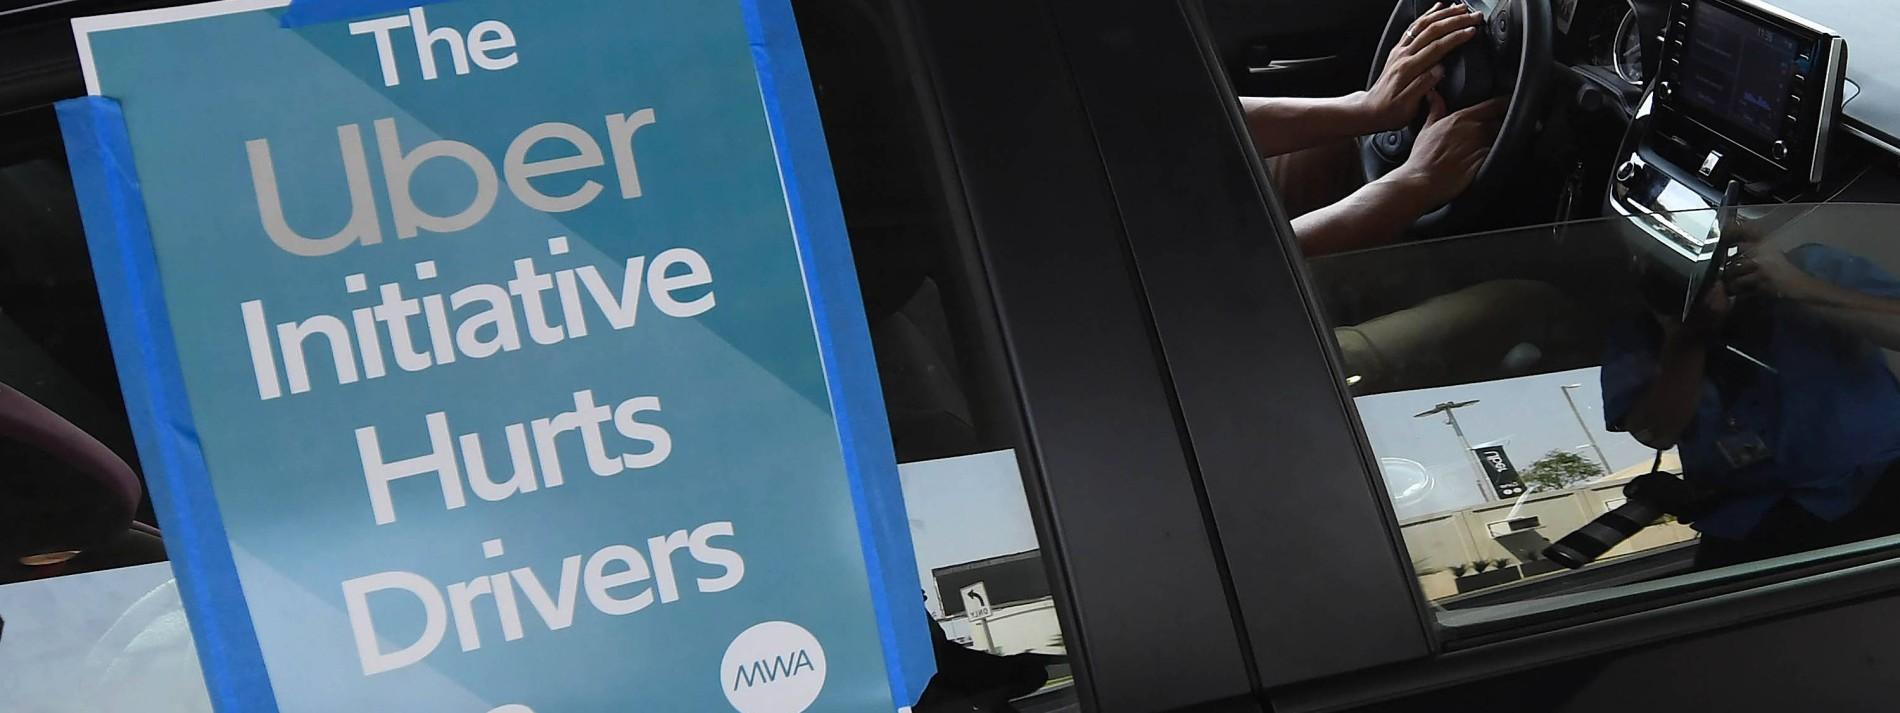 Kalifornier stimmen gegen Gesetz für Uber-Fahrer